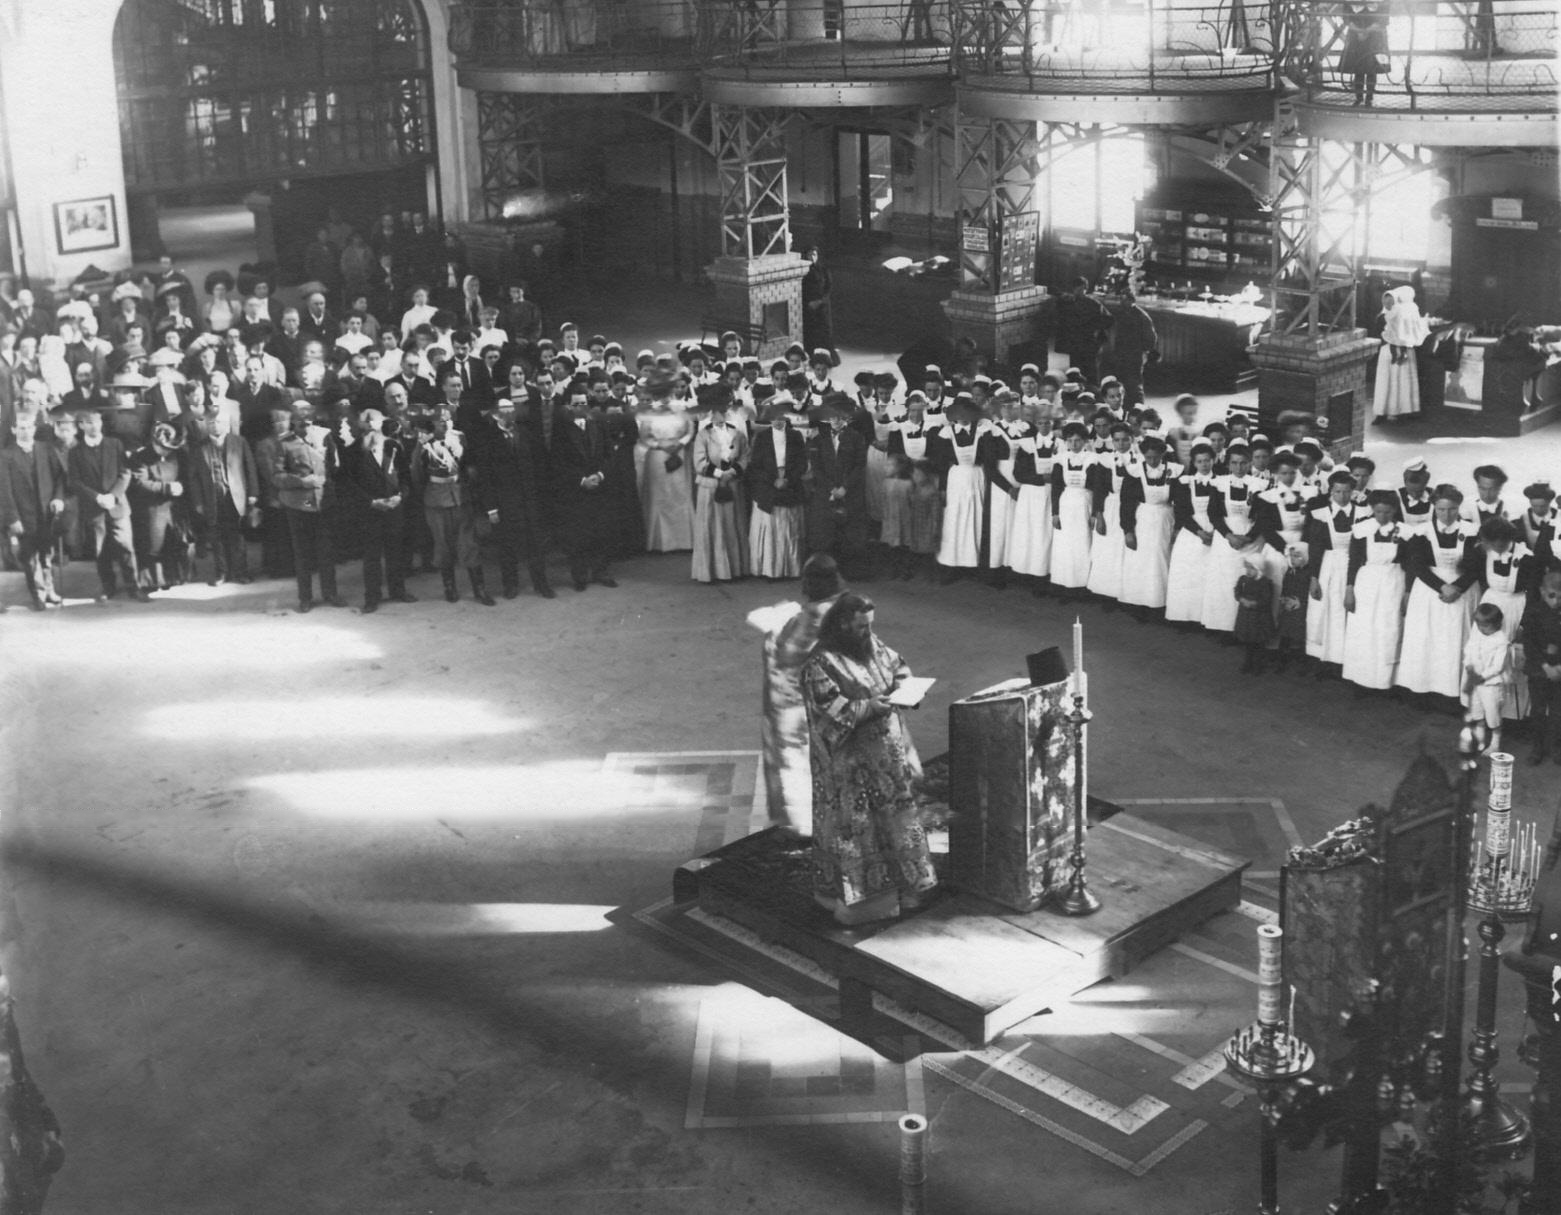 Молебен перед открытием нового театра при Народном доме императора Николая II. 1912